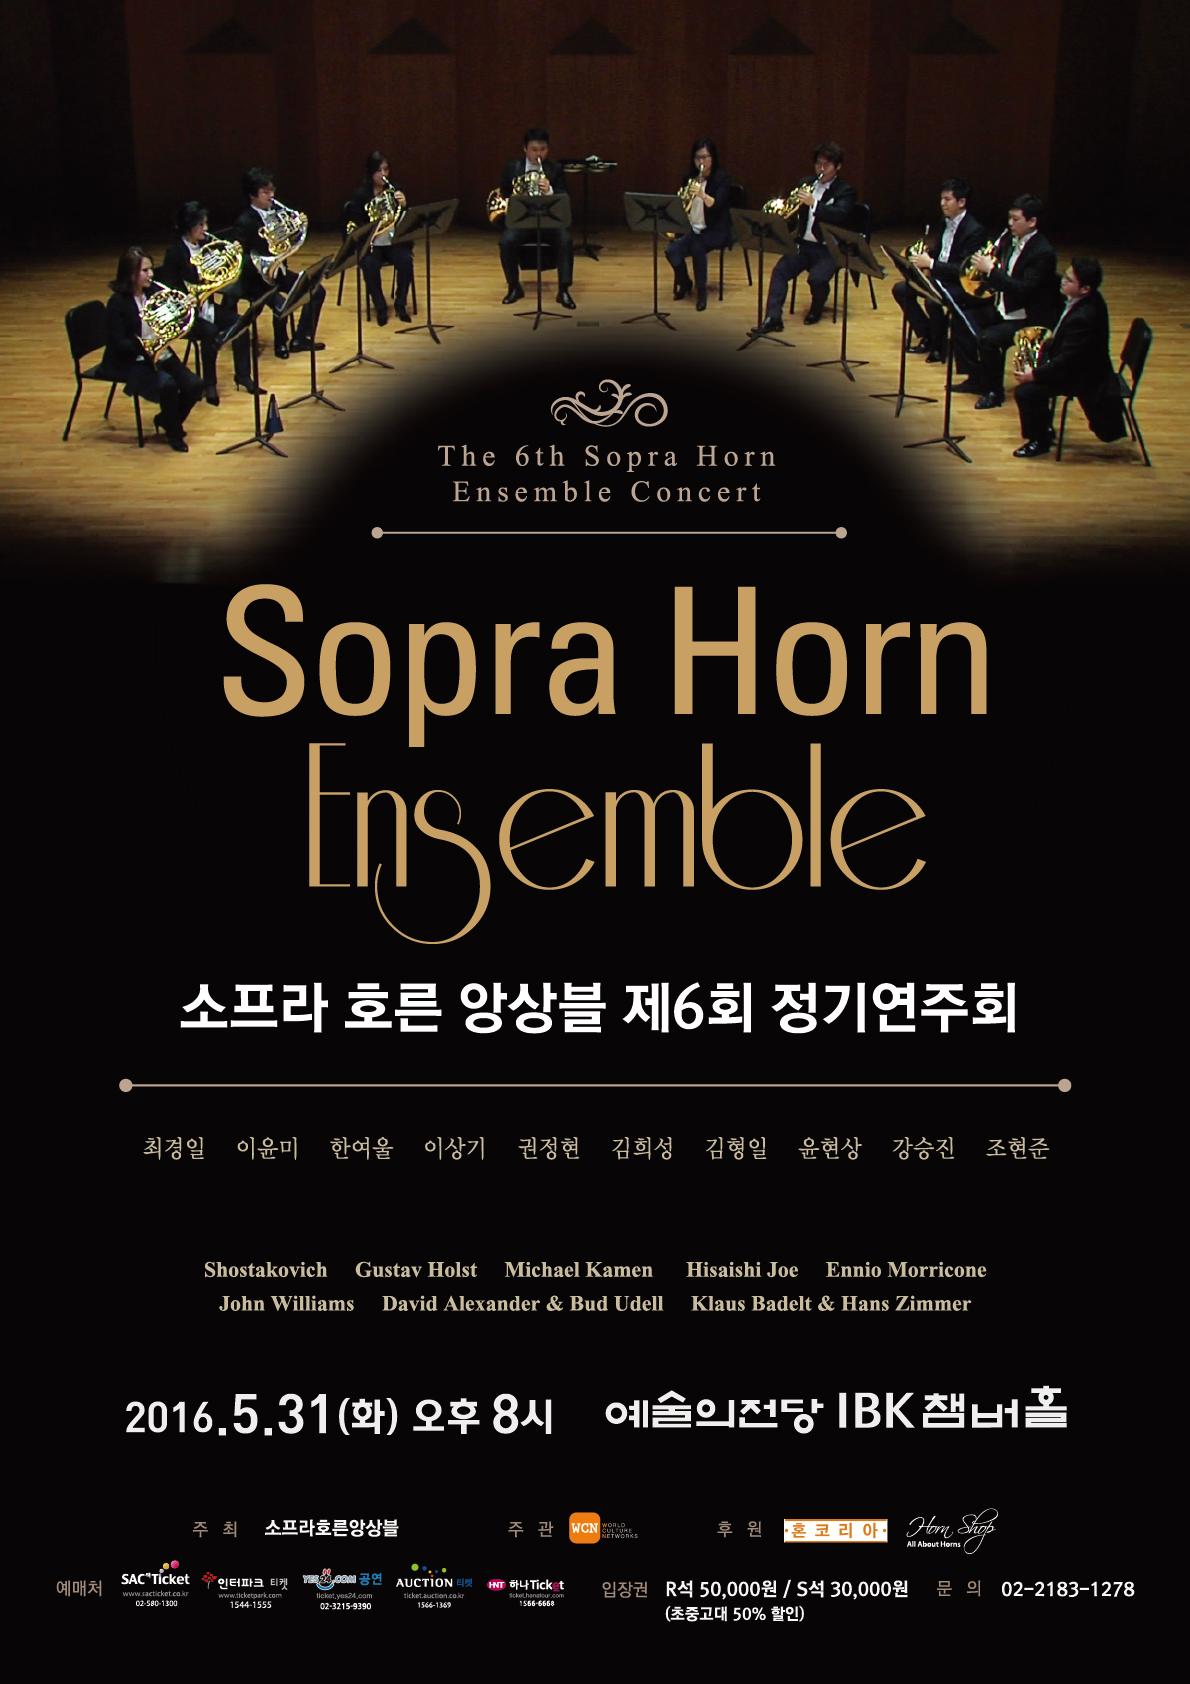 WCN코리아 주관, 소프라 호른 앙상블 정기연주회 31일 예술의전당서 개최